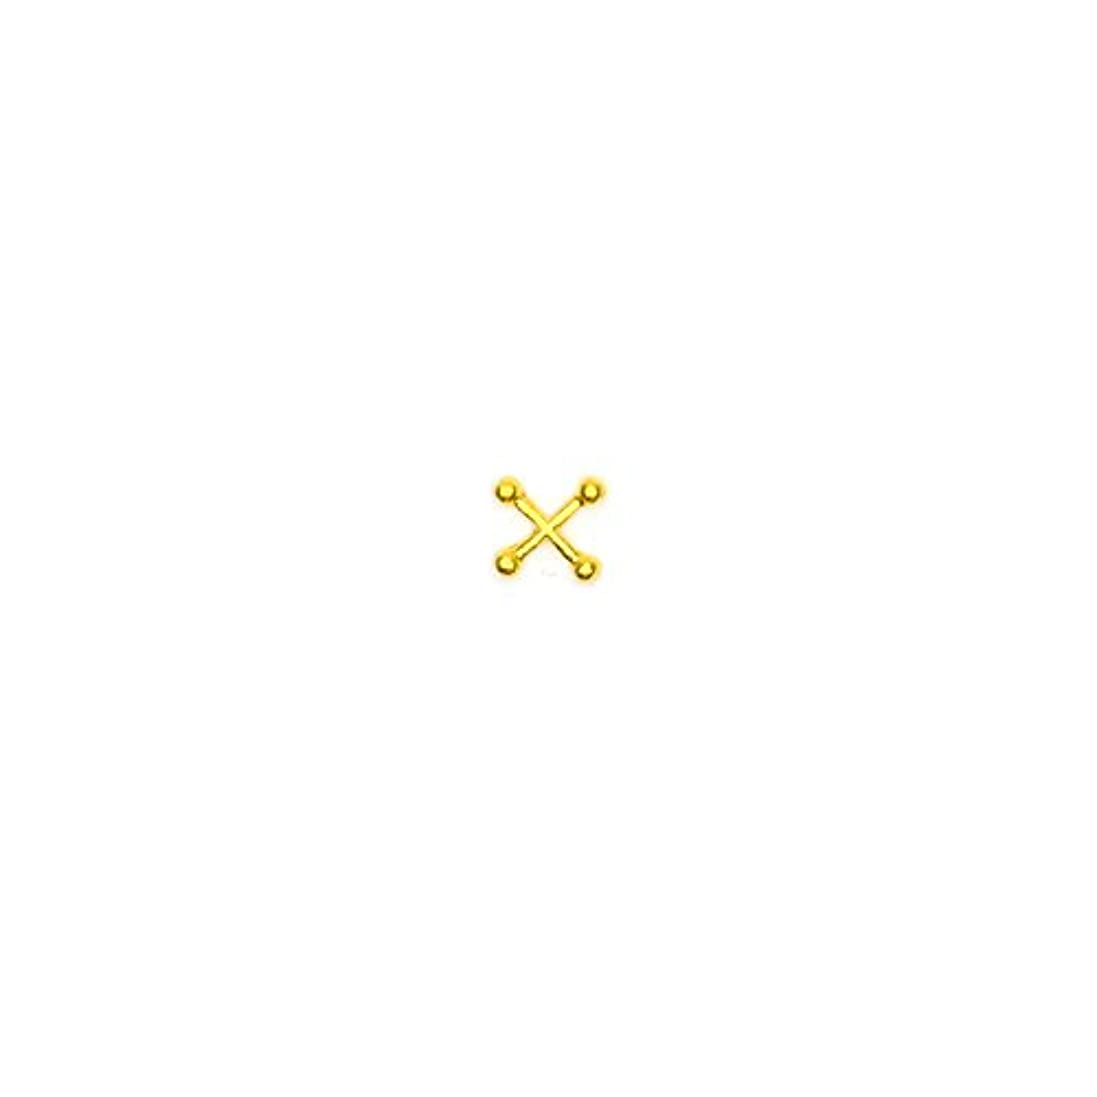 魔術師ビスケットマットボディピアスパーツ クロス/ゴールド